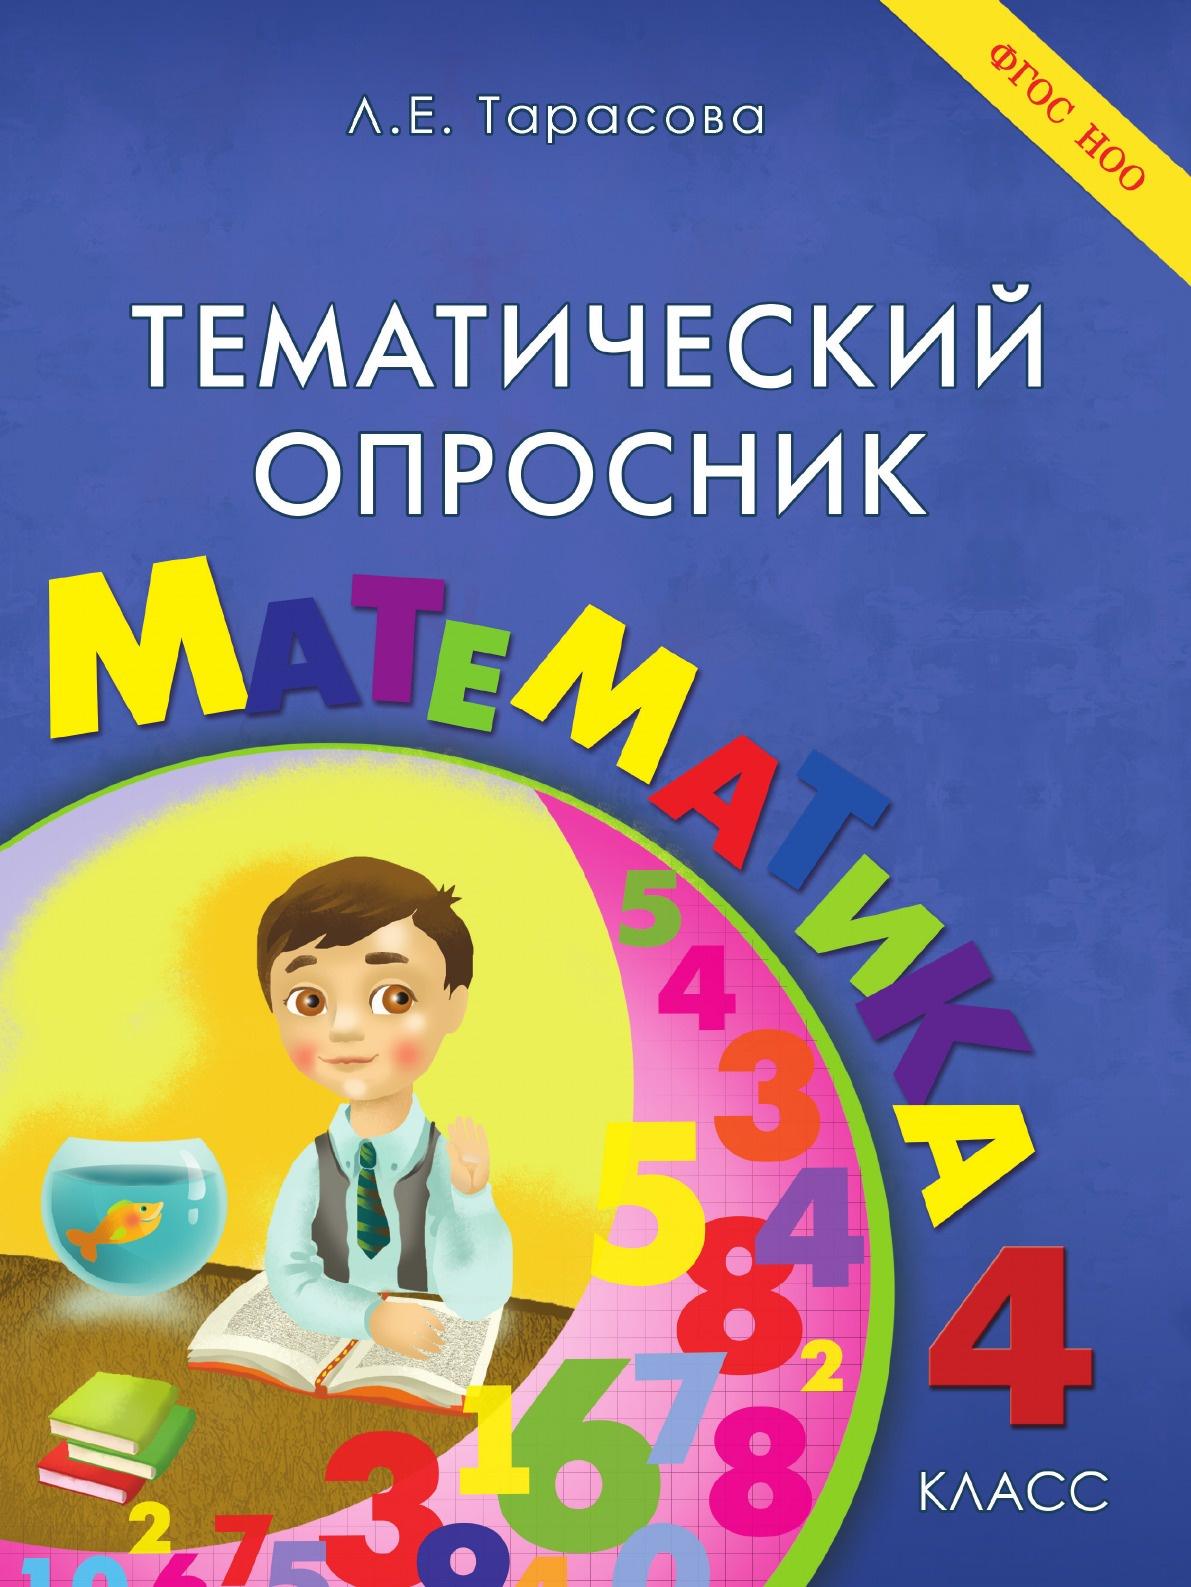 Тарасова Л.Е. Тематический опросник по математике. 4-й класс. ФГОС тарасова л е тематический опросник по математике 3 класс фгос